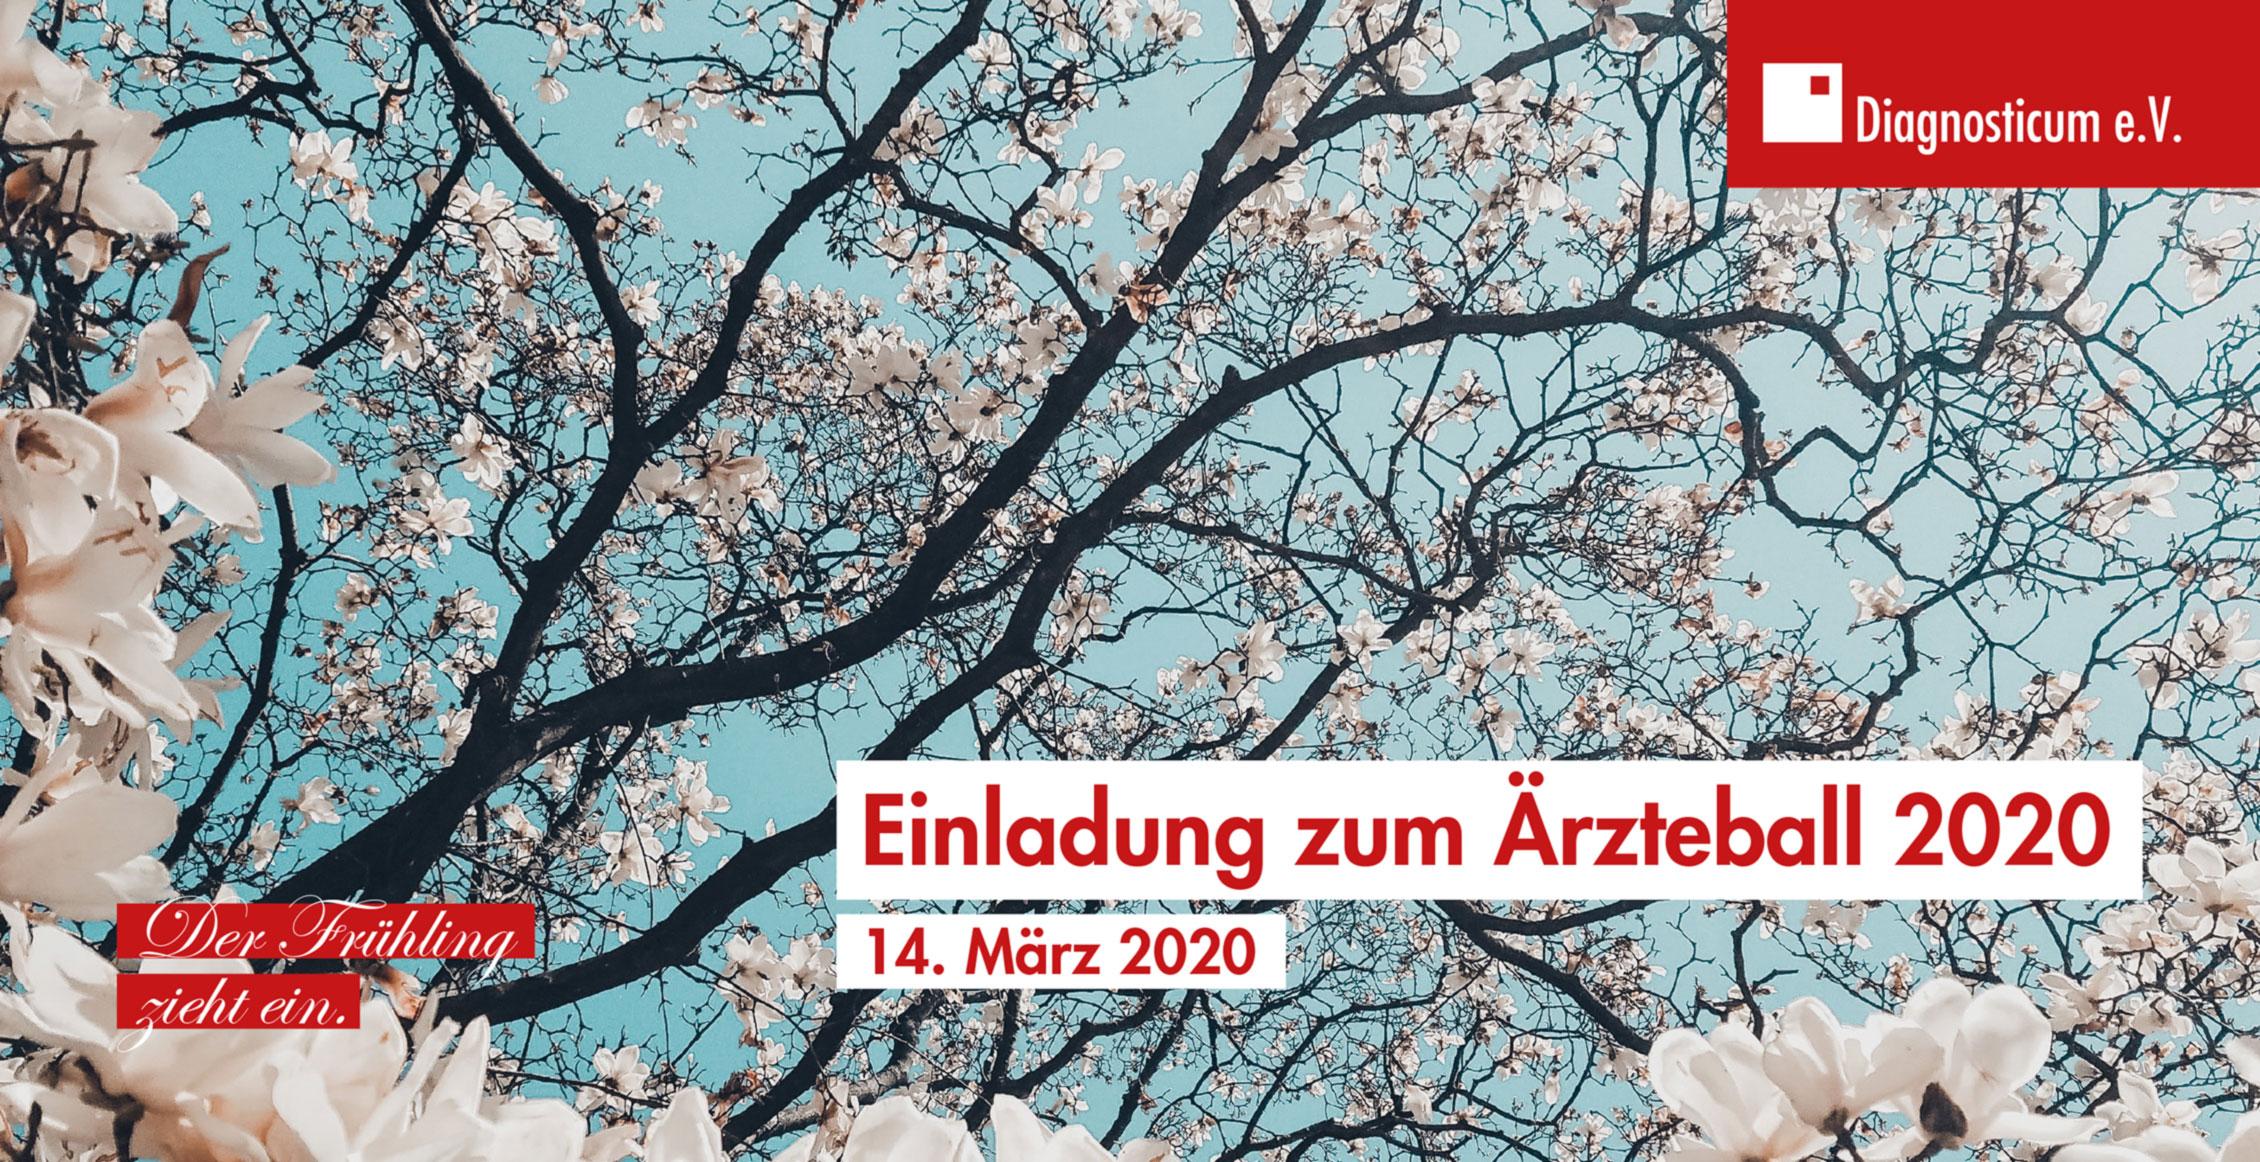 Einladung zum Ärzteball 2020 in Chemnitz / Sachsen